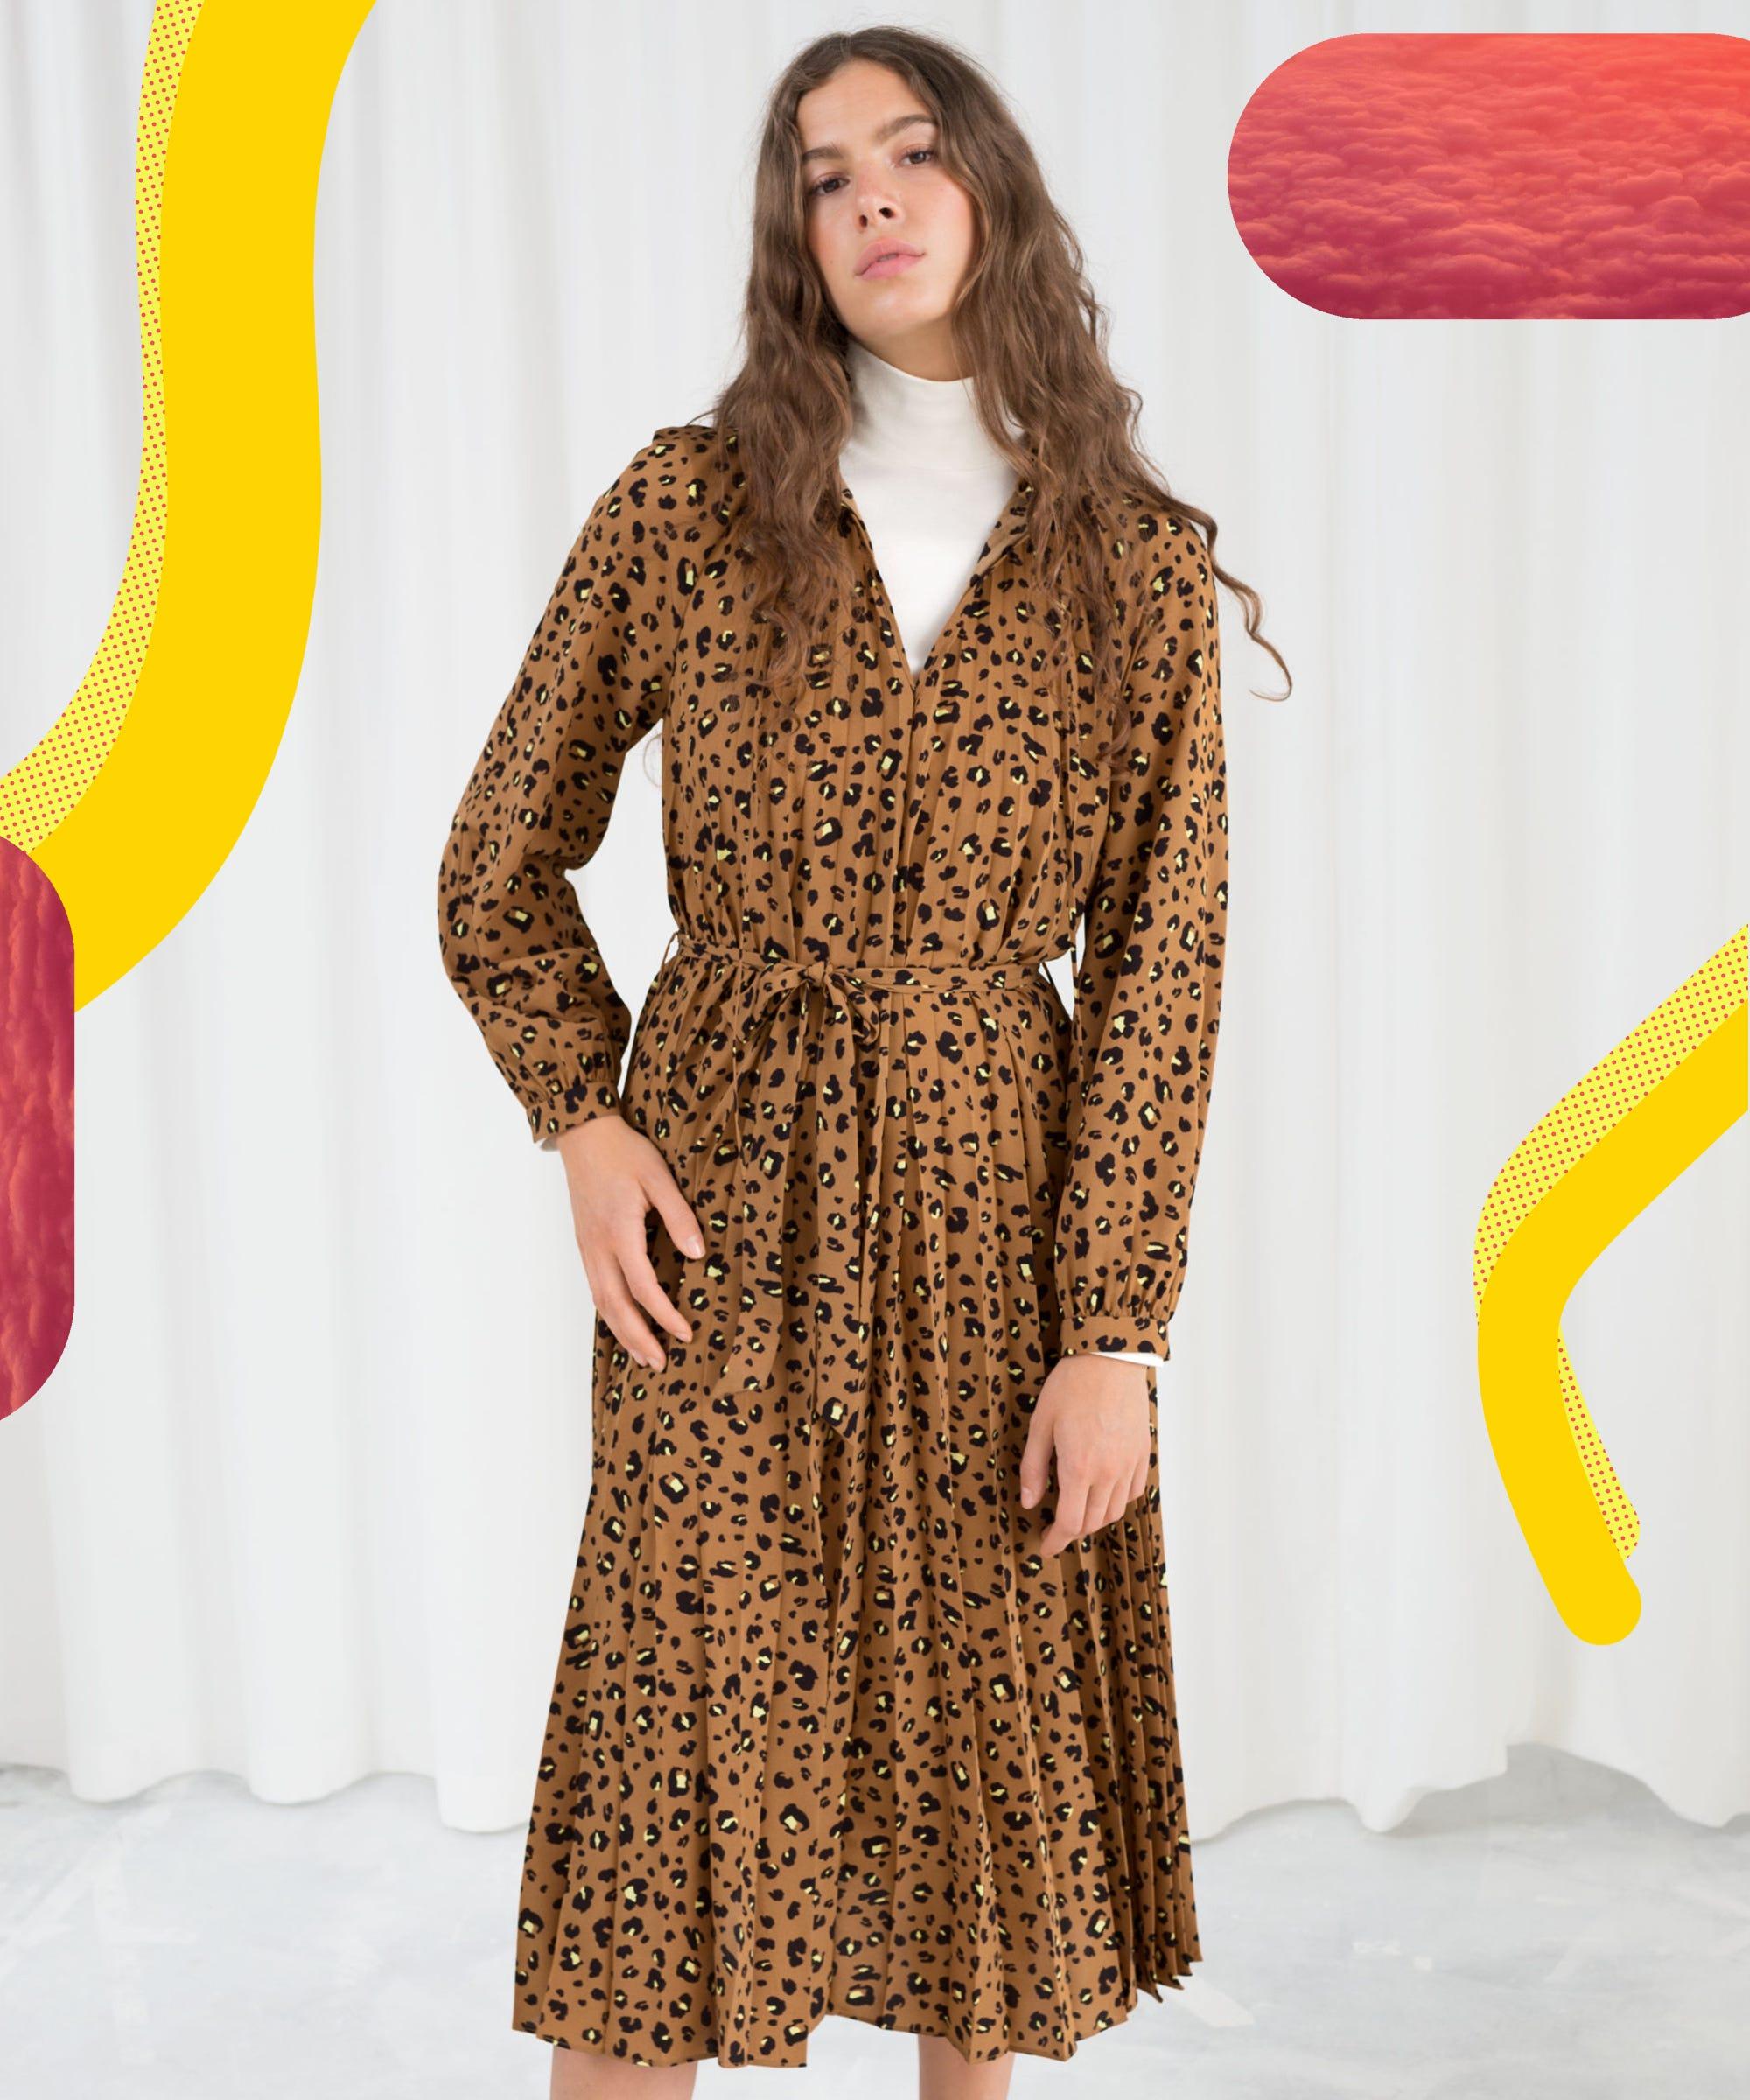 cbce0e2fdaa3 Versatile Dress - Best Summer To Fall Dress Styles